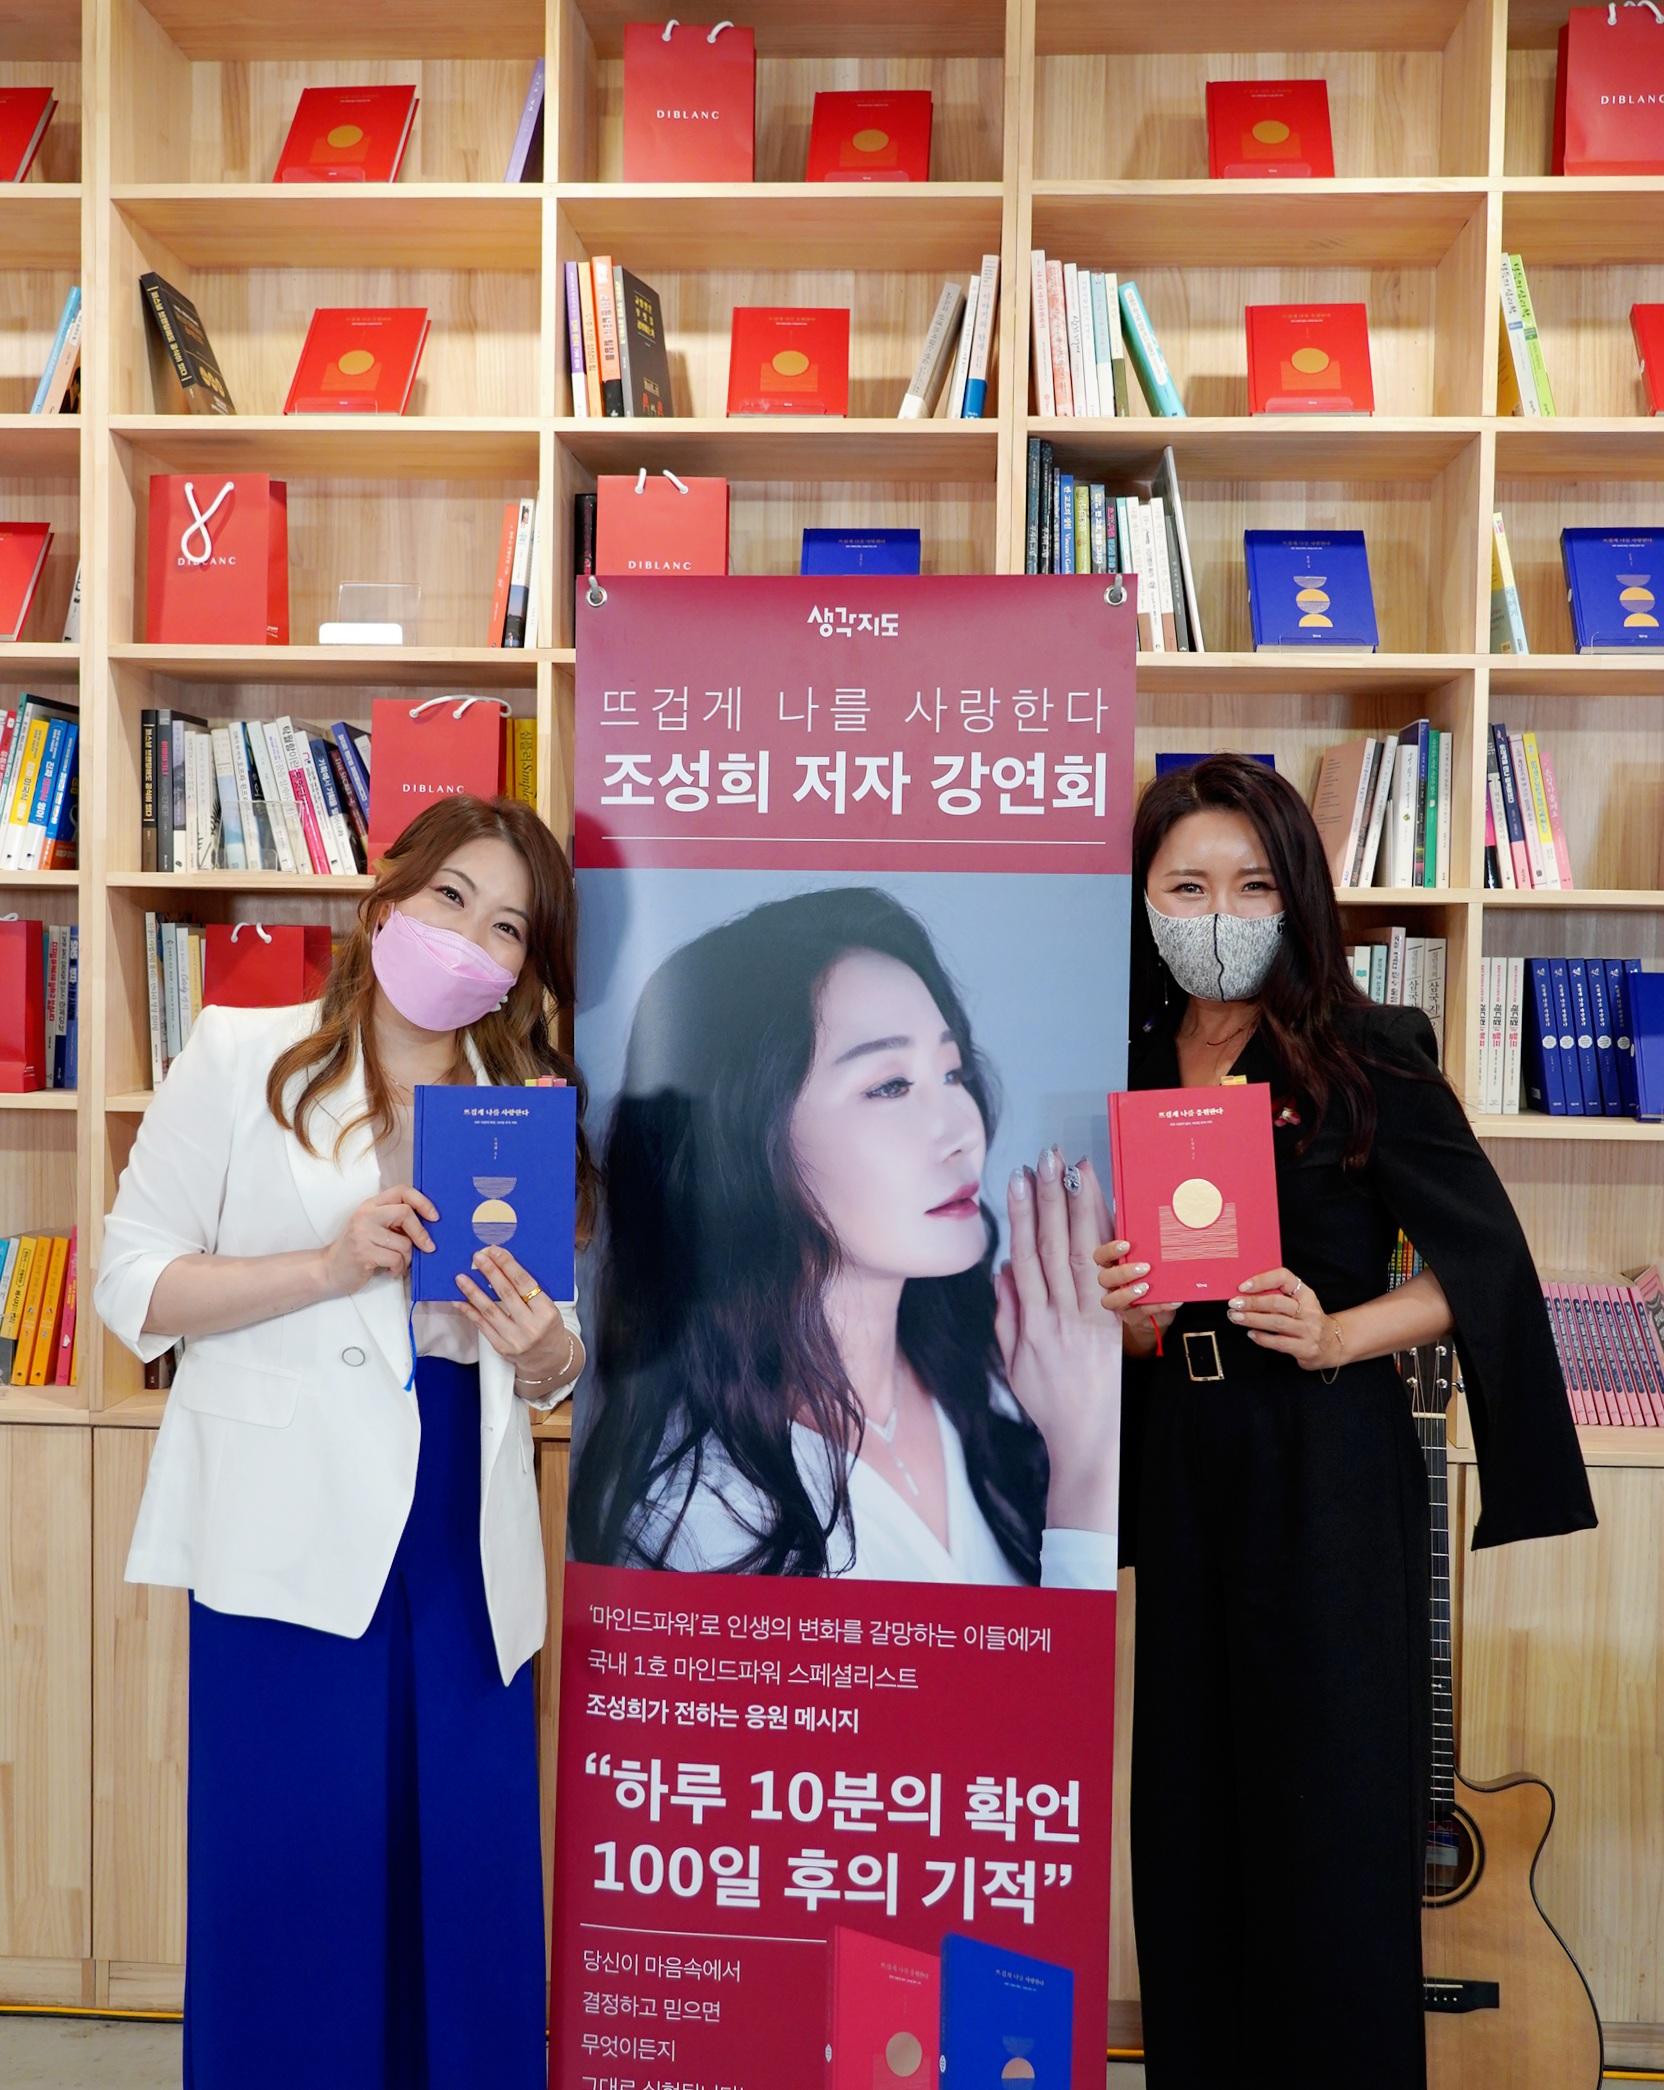 온앤오프 뮤직북콘, 성공적 개최.. 조성희 인기몰이